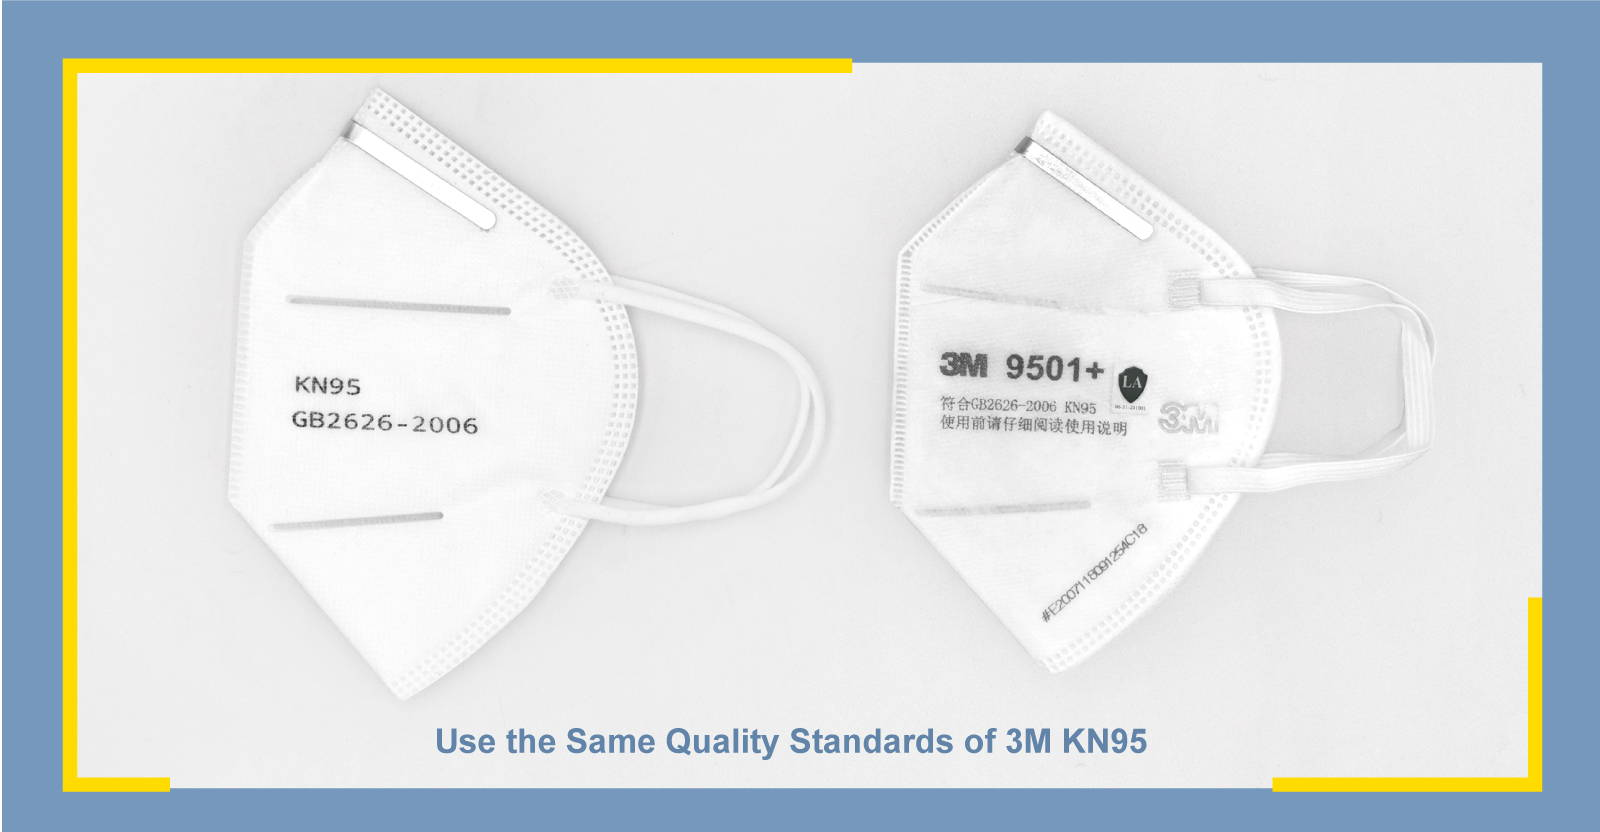 KN95 3M Comparison